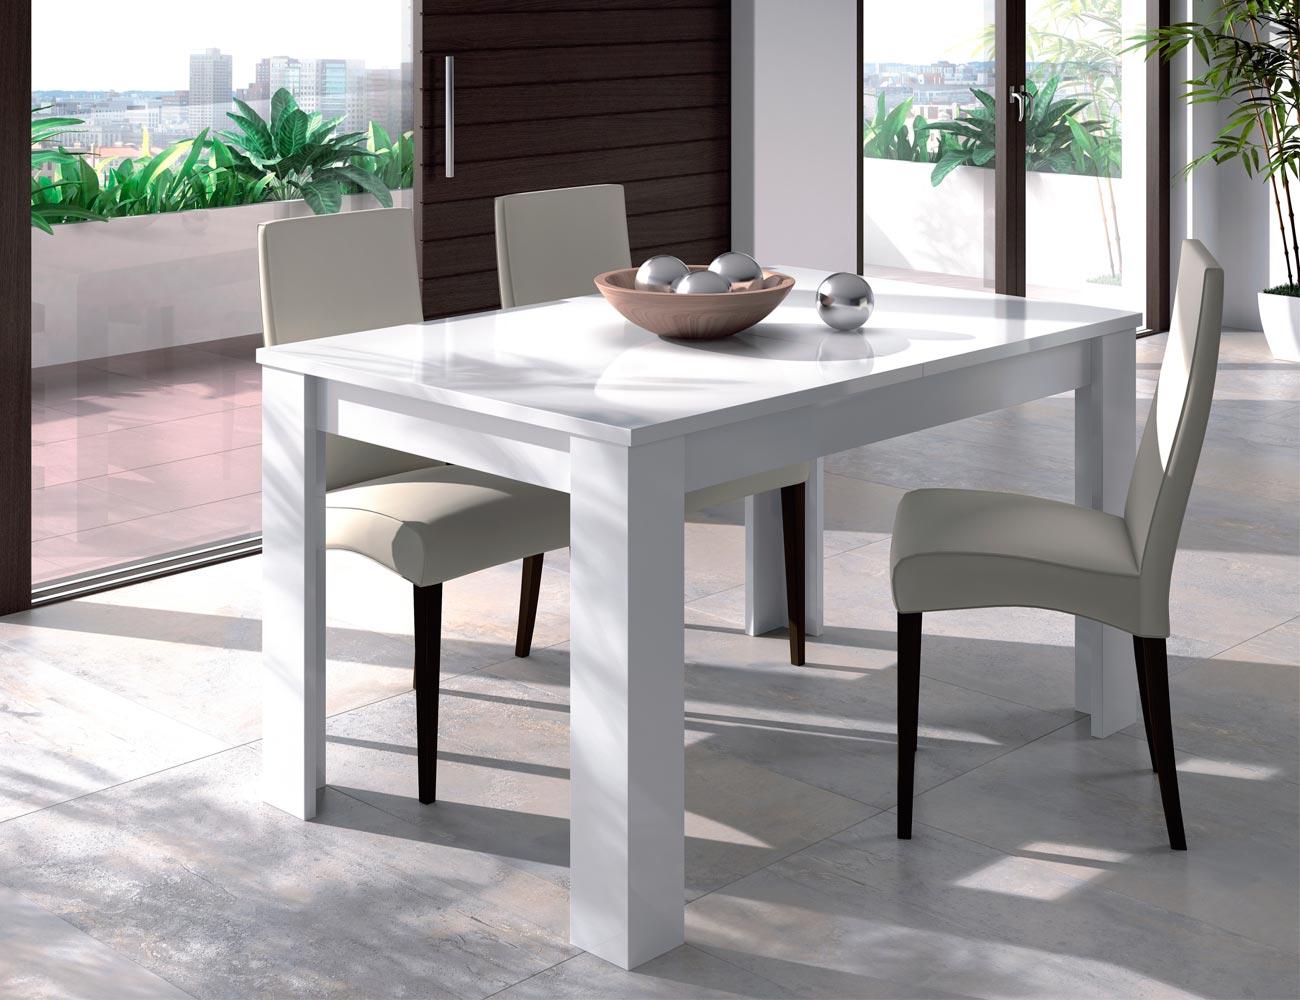 Muebles comedor blanco tiempos modernos y muebles comedor blanco cuadros mueble saln comedor - Tiempos modernos muebles ...